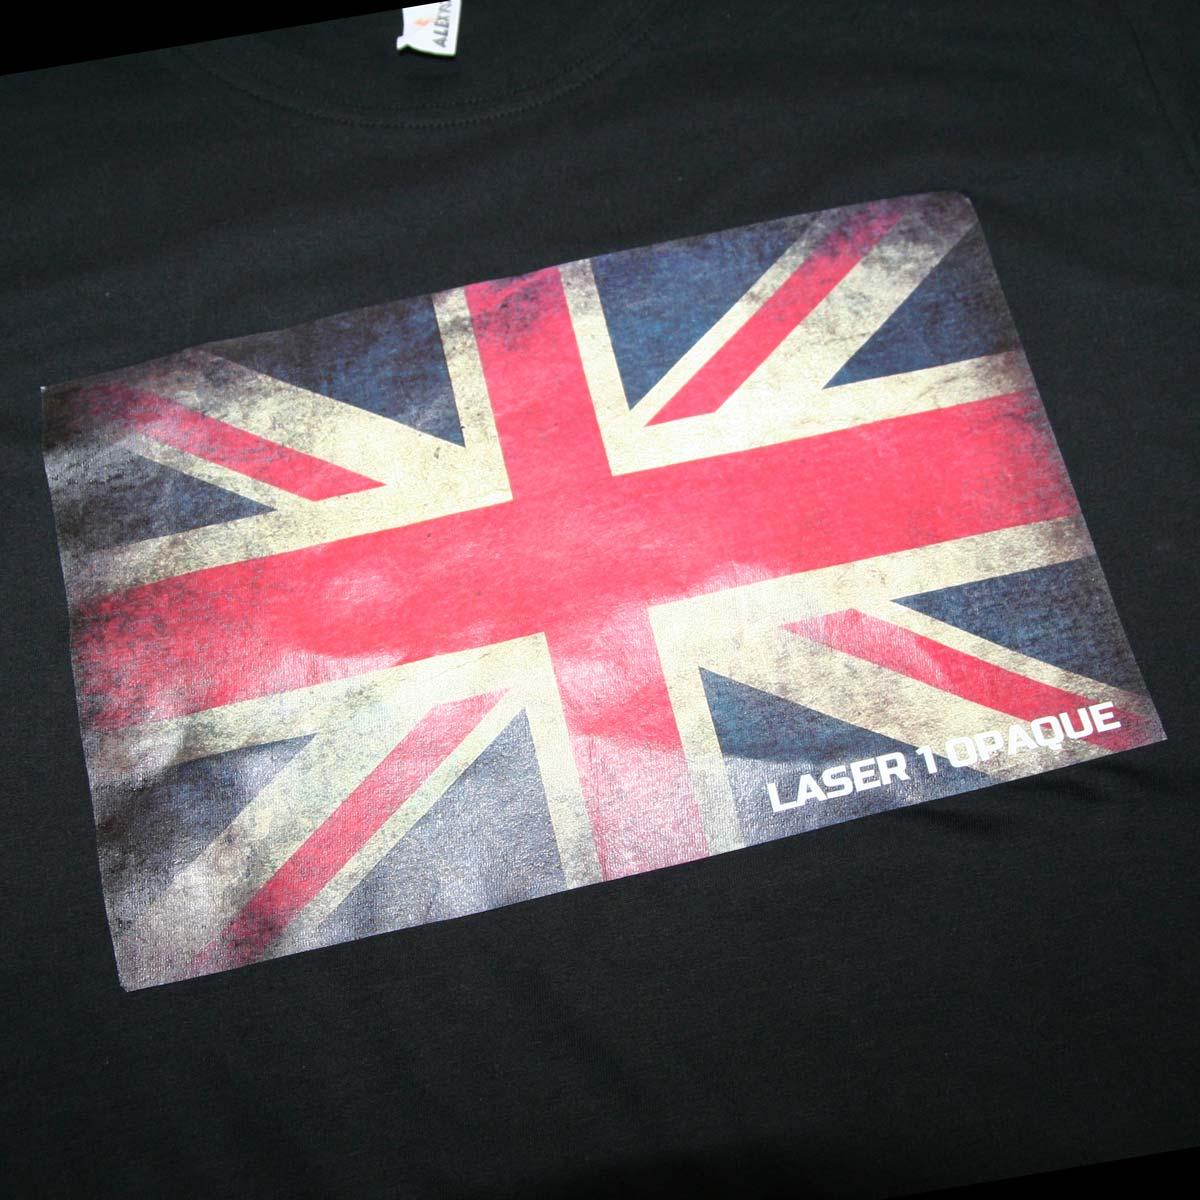 Laser 1 Opaque - papier transferowy do drukarek laserowych na ciemne i kolorowe tkaniny